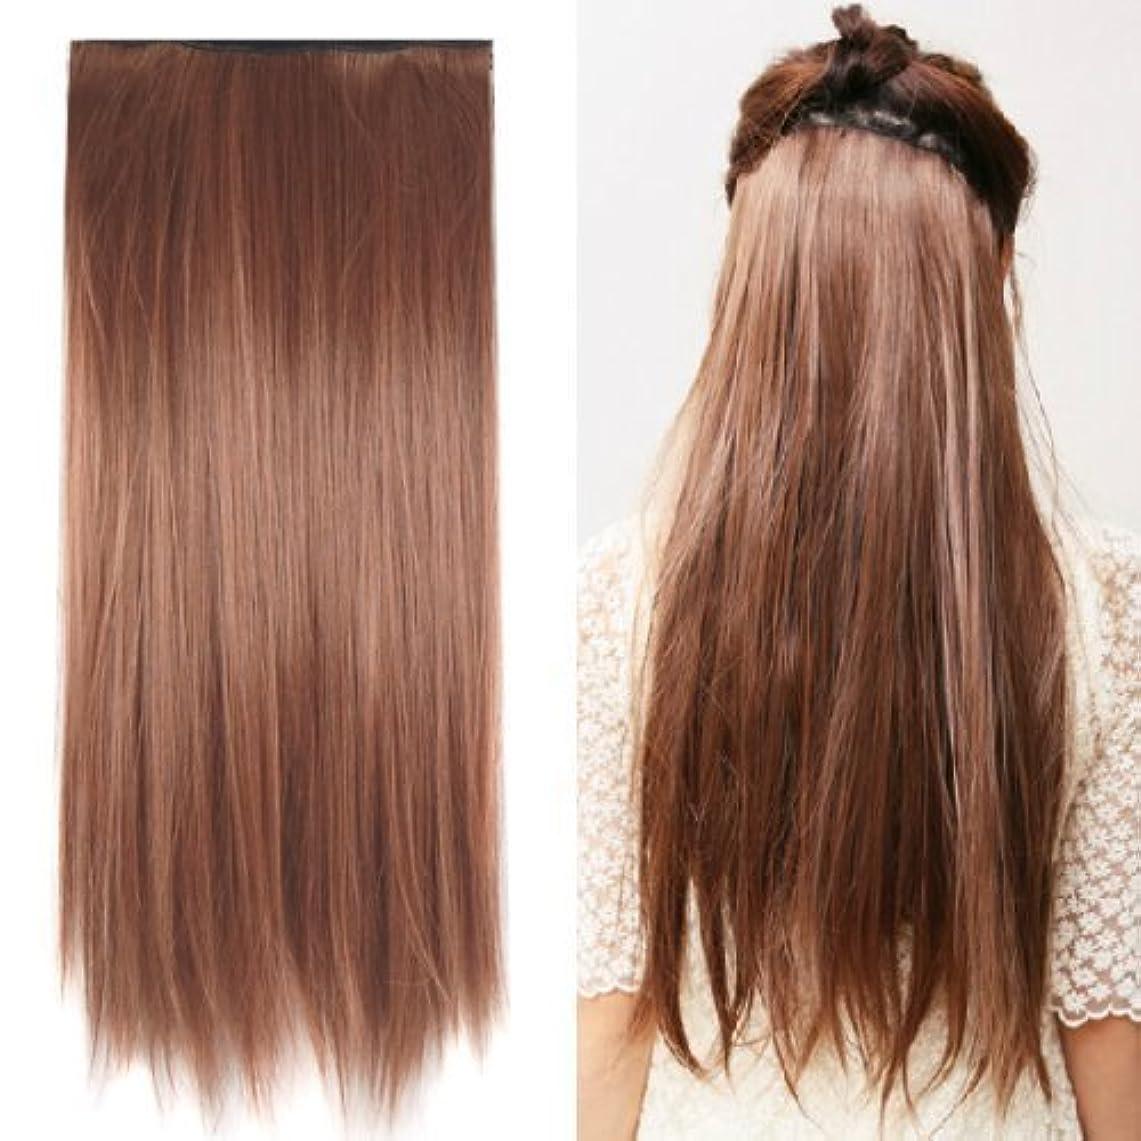 もっと少なくワーカーエクスタシーSODIAL(R) Clip in on hair Straight Tail extensions New human heat resistant fibe - Blonde